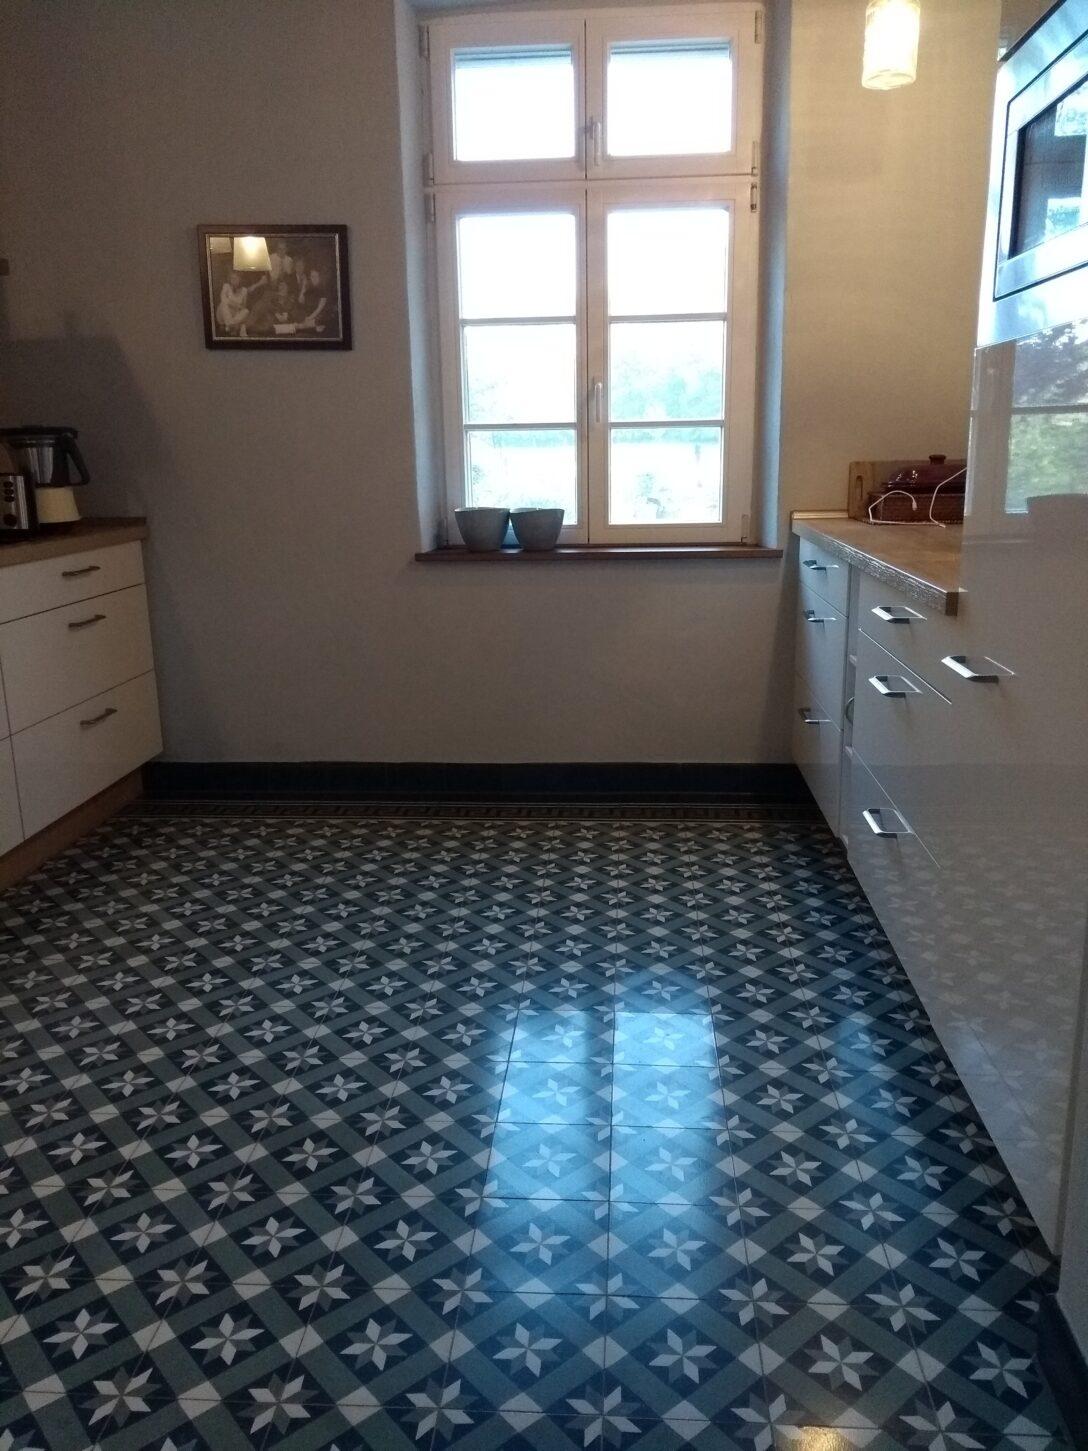 Large Size of Küchen Fliesenspiegel Zementfliesen In Der Kche 2020 Mosico Küche Selber Machen Glas Regal Wohnzimmer Küchen Fliesenspiegel